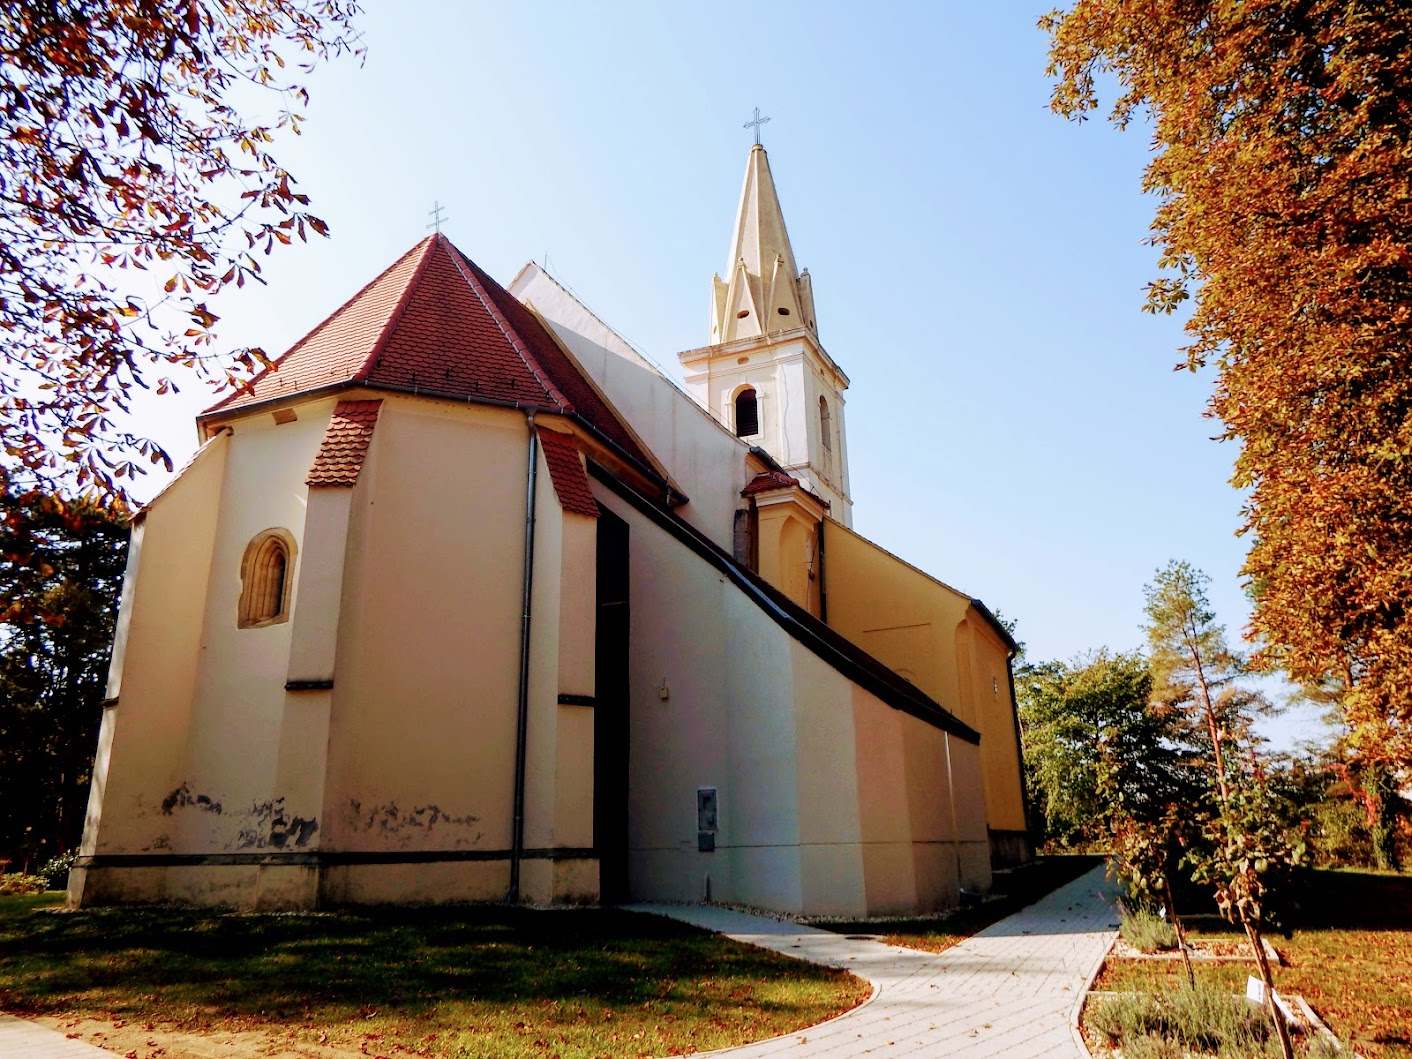 Bük - Szent Kelemen pápa és vértanú rk. templom